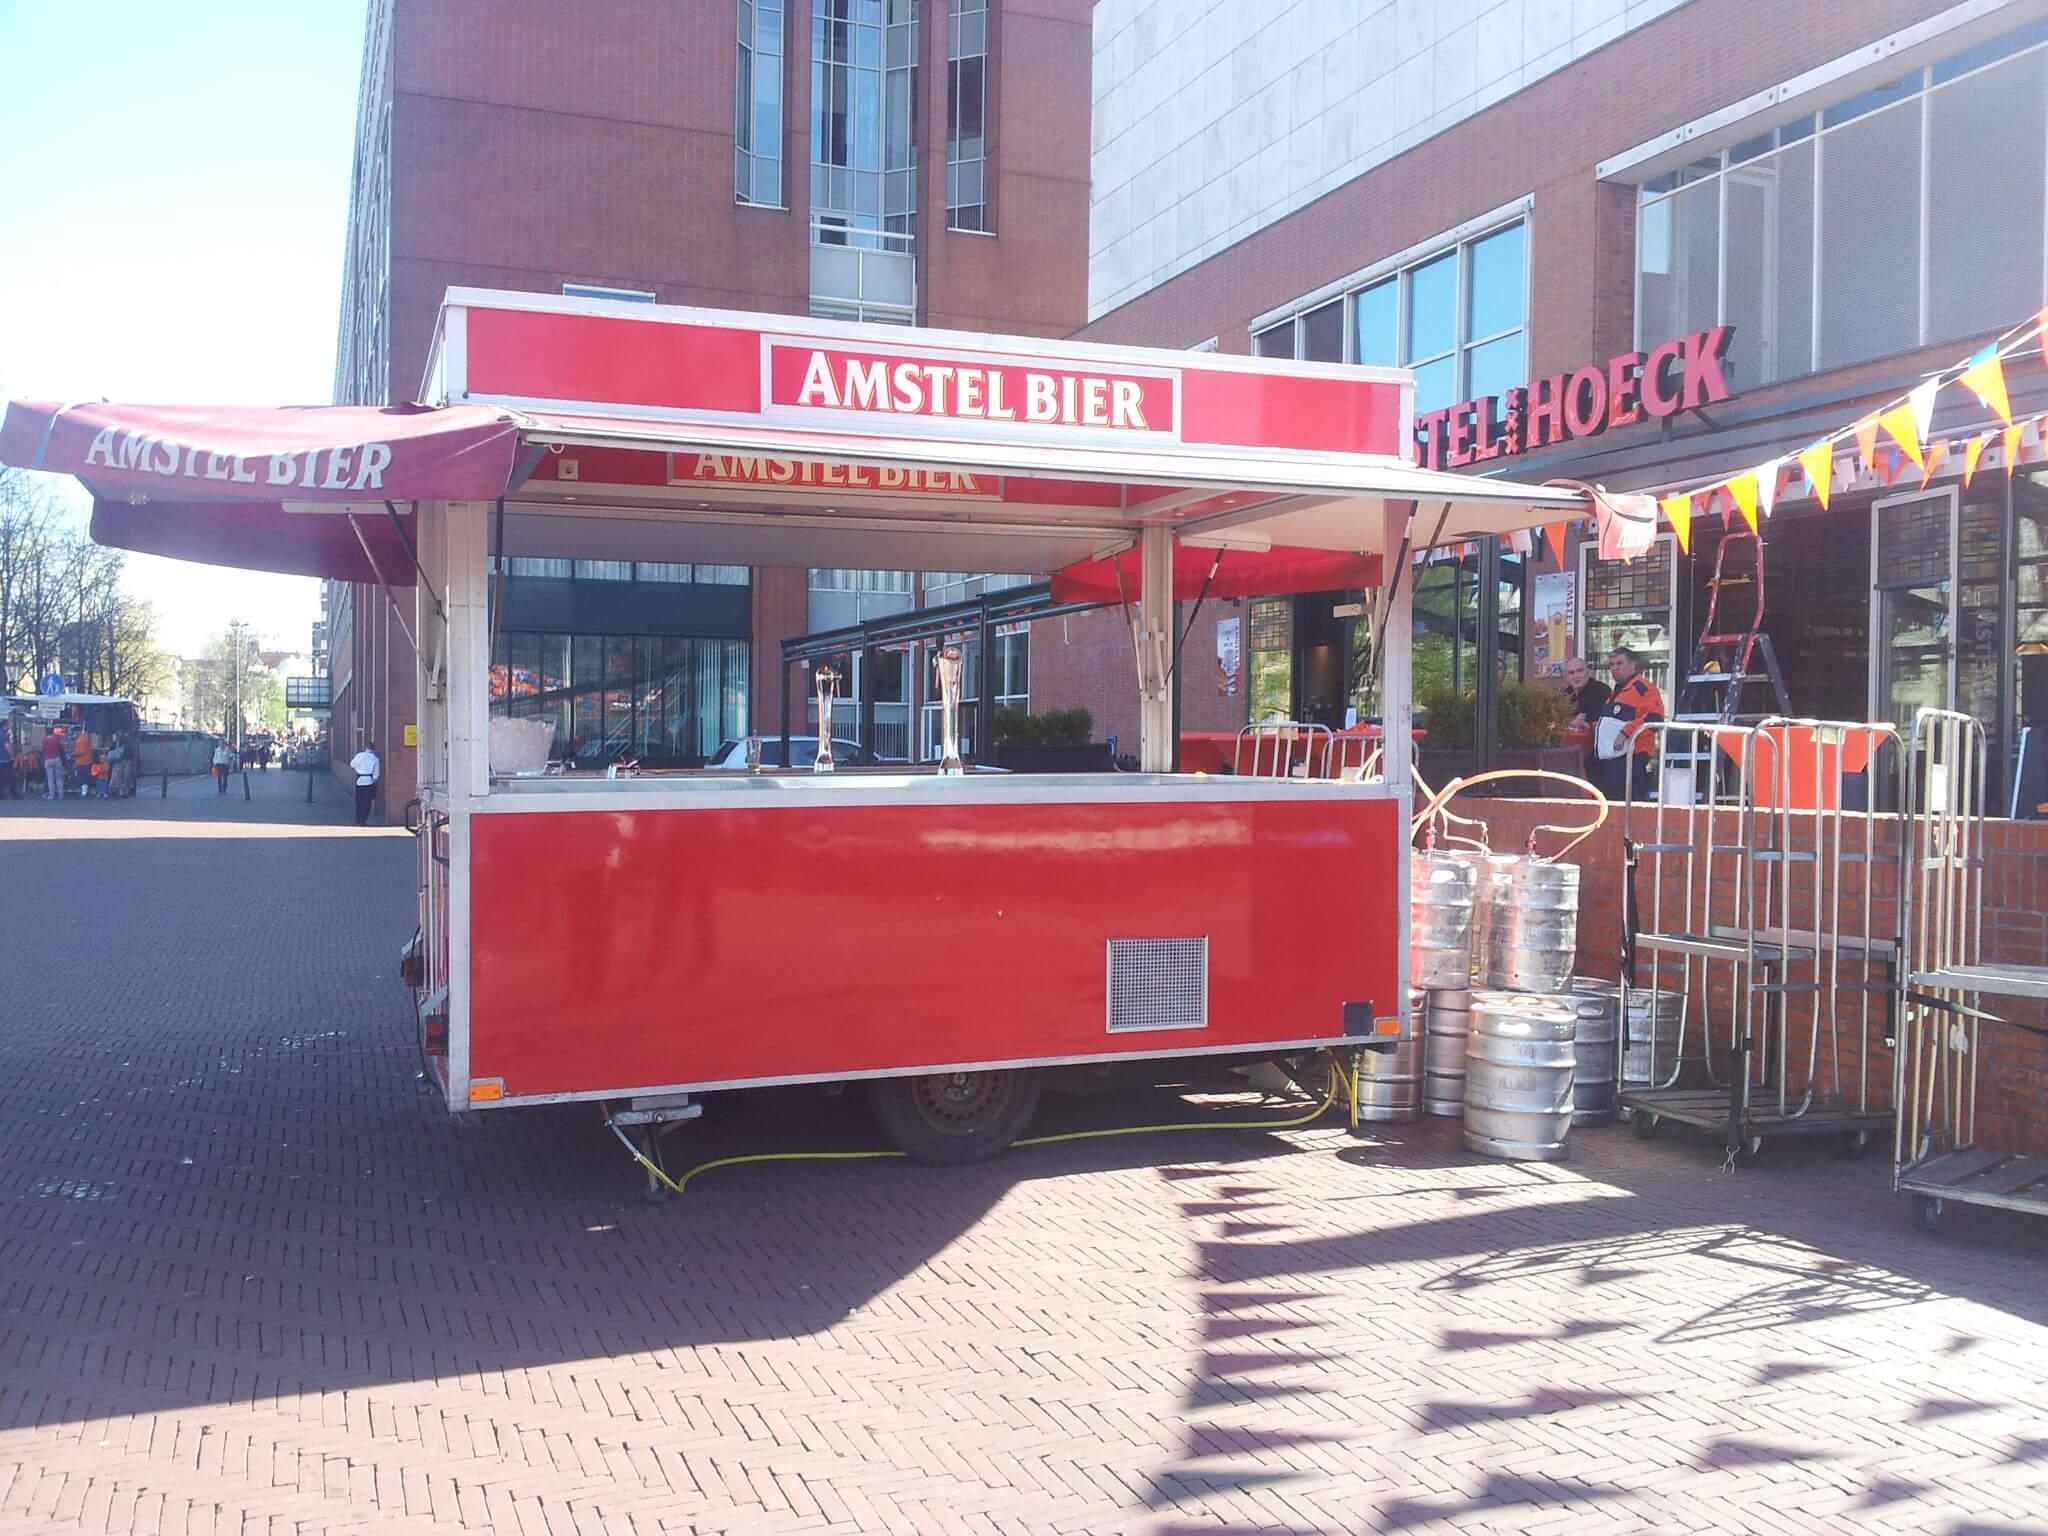 amstel bier tapwagen stand